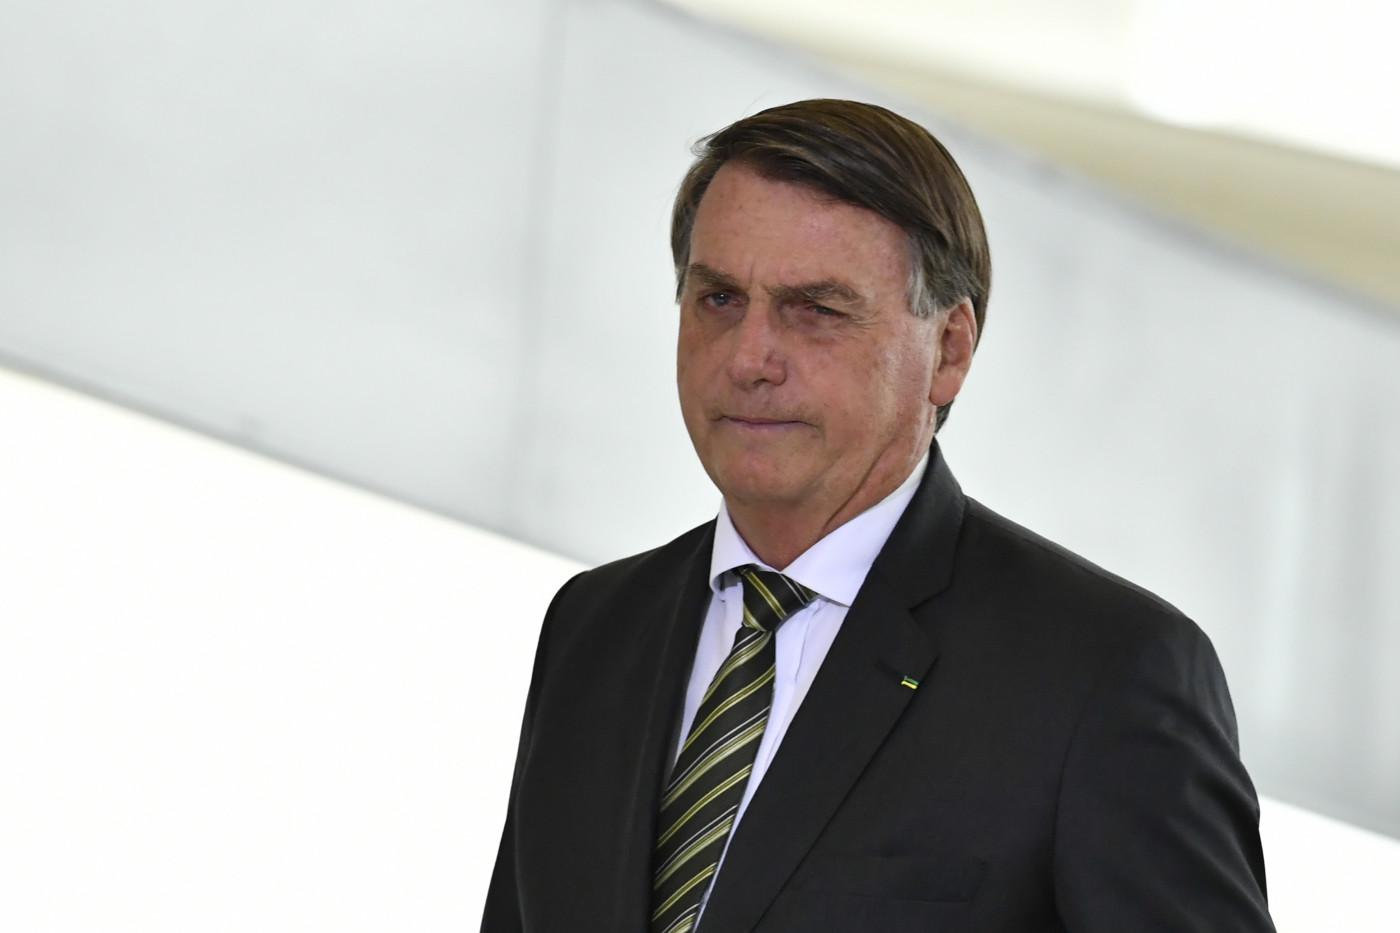 homem de terno e gravata diante de fundo branco olhando para o horizonte